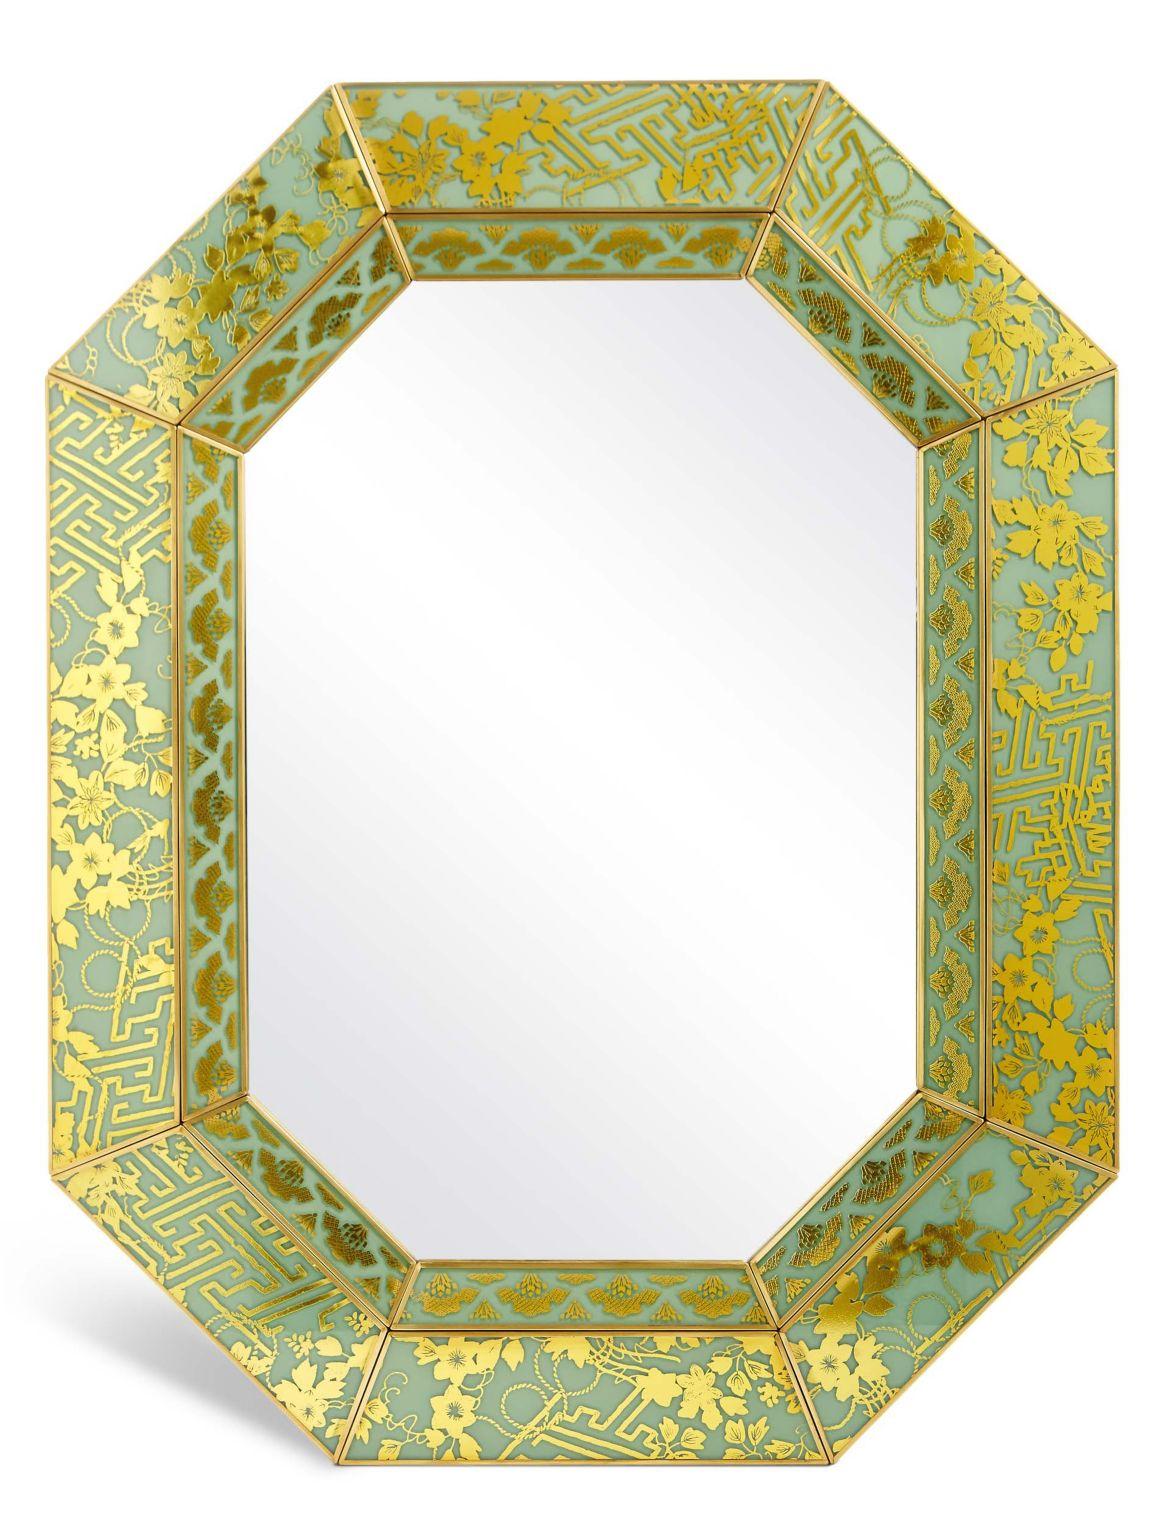 Dorset– Miroir mural. DimensionsHauteur:77.5 cm;Largeur:60 cm;Profondeur:2 cm;Fiche produitPeut ??tre suspendu en mode portrait ou paysage;Ne pa